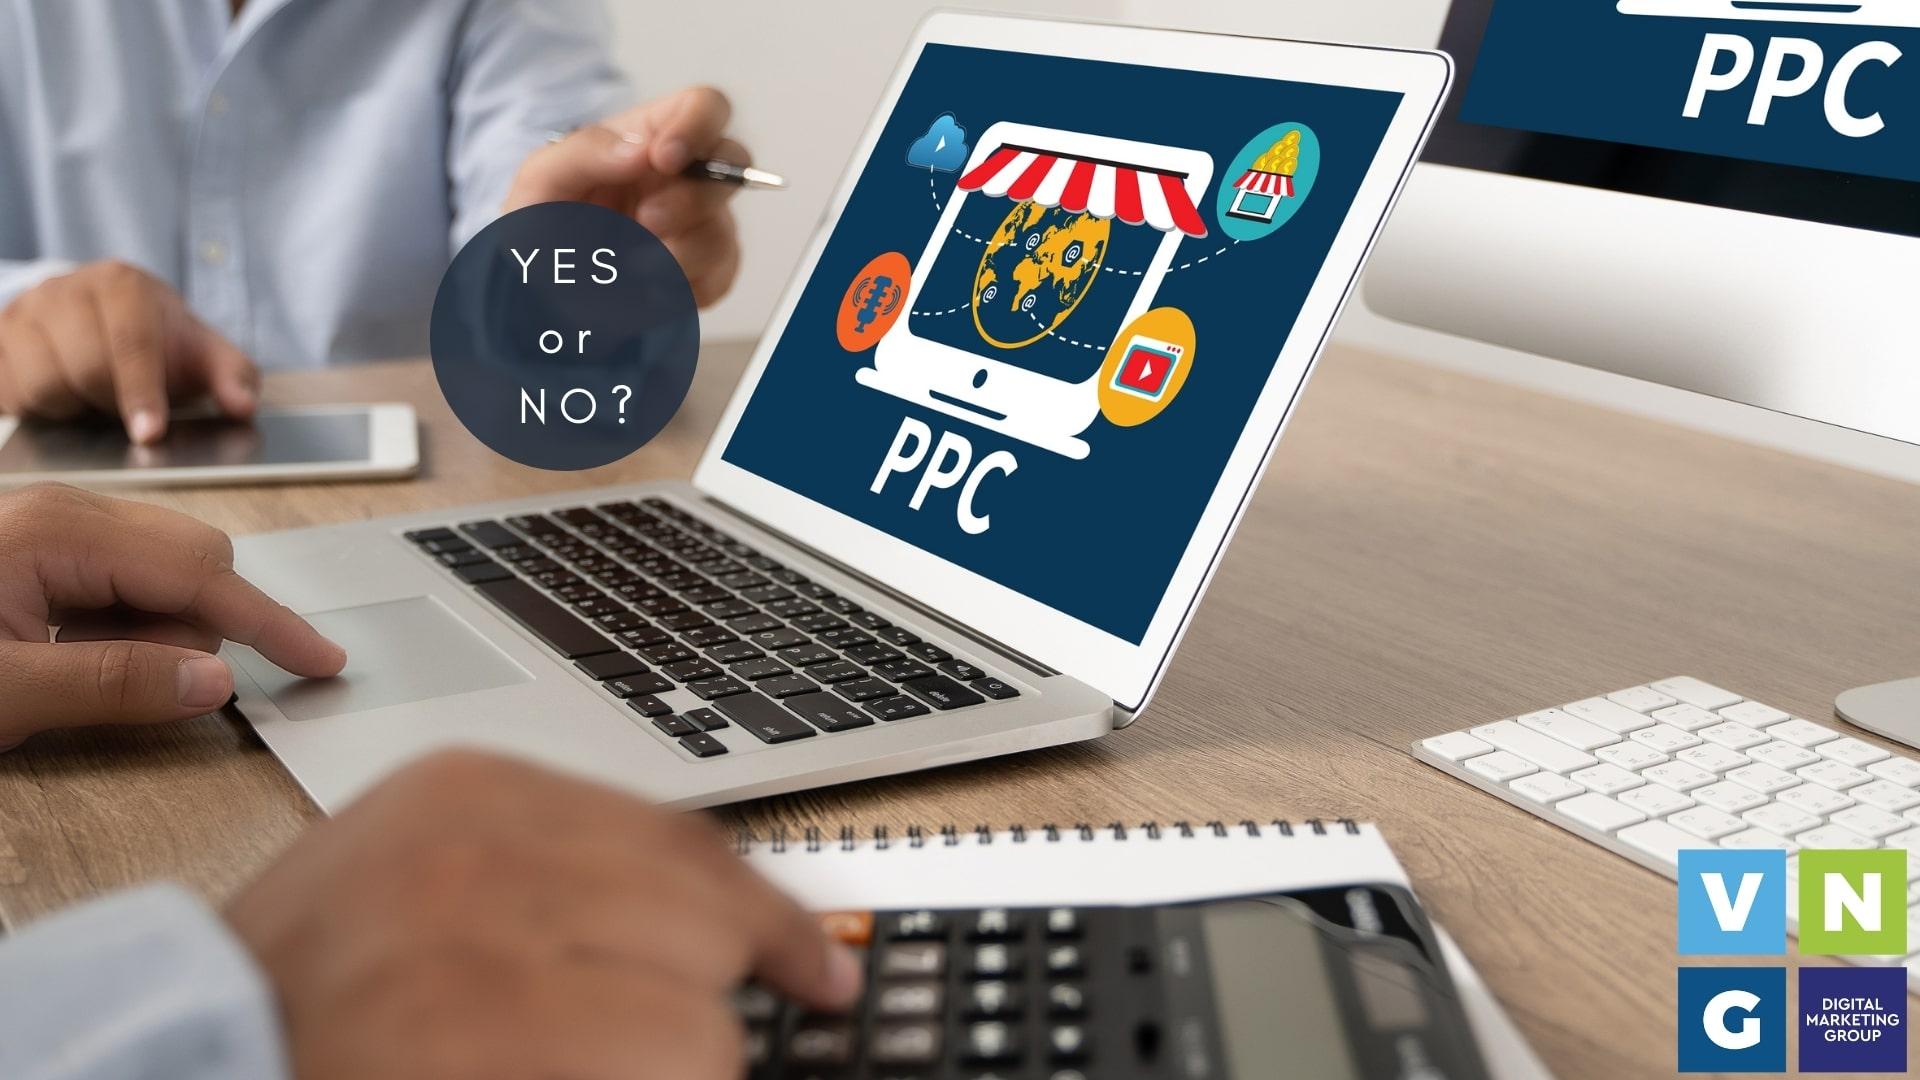 Ναι ή όχι στην πληρωμένη αναζήτηση στο digital marketing